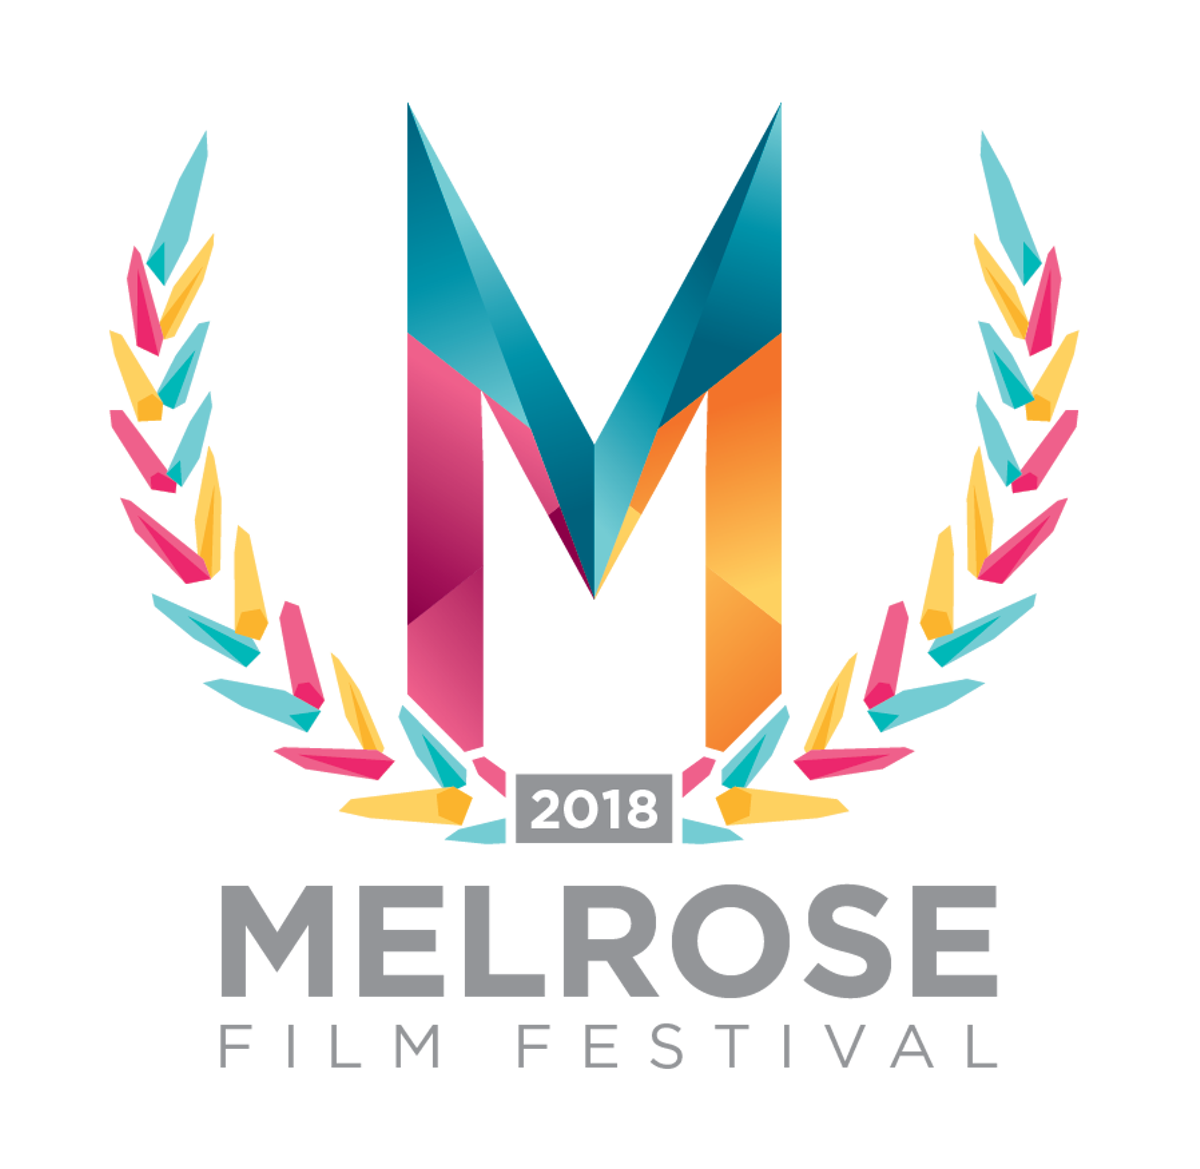 melrose_film_festival_logo.png